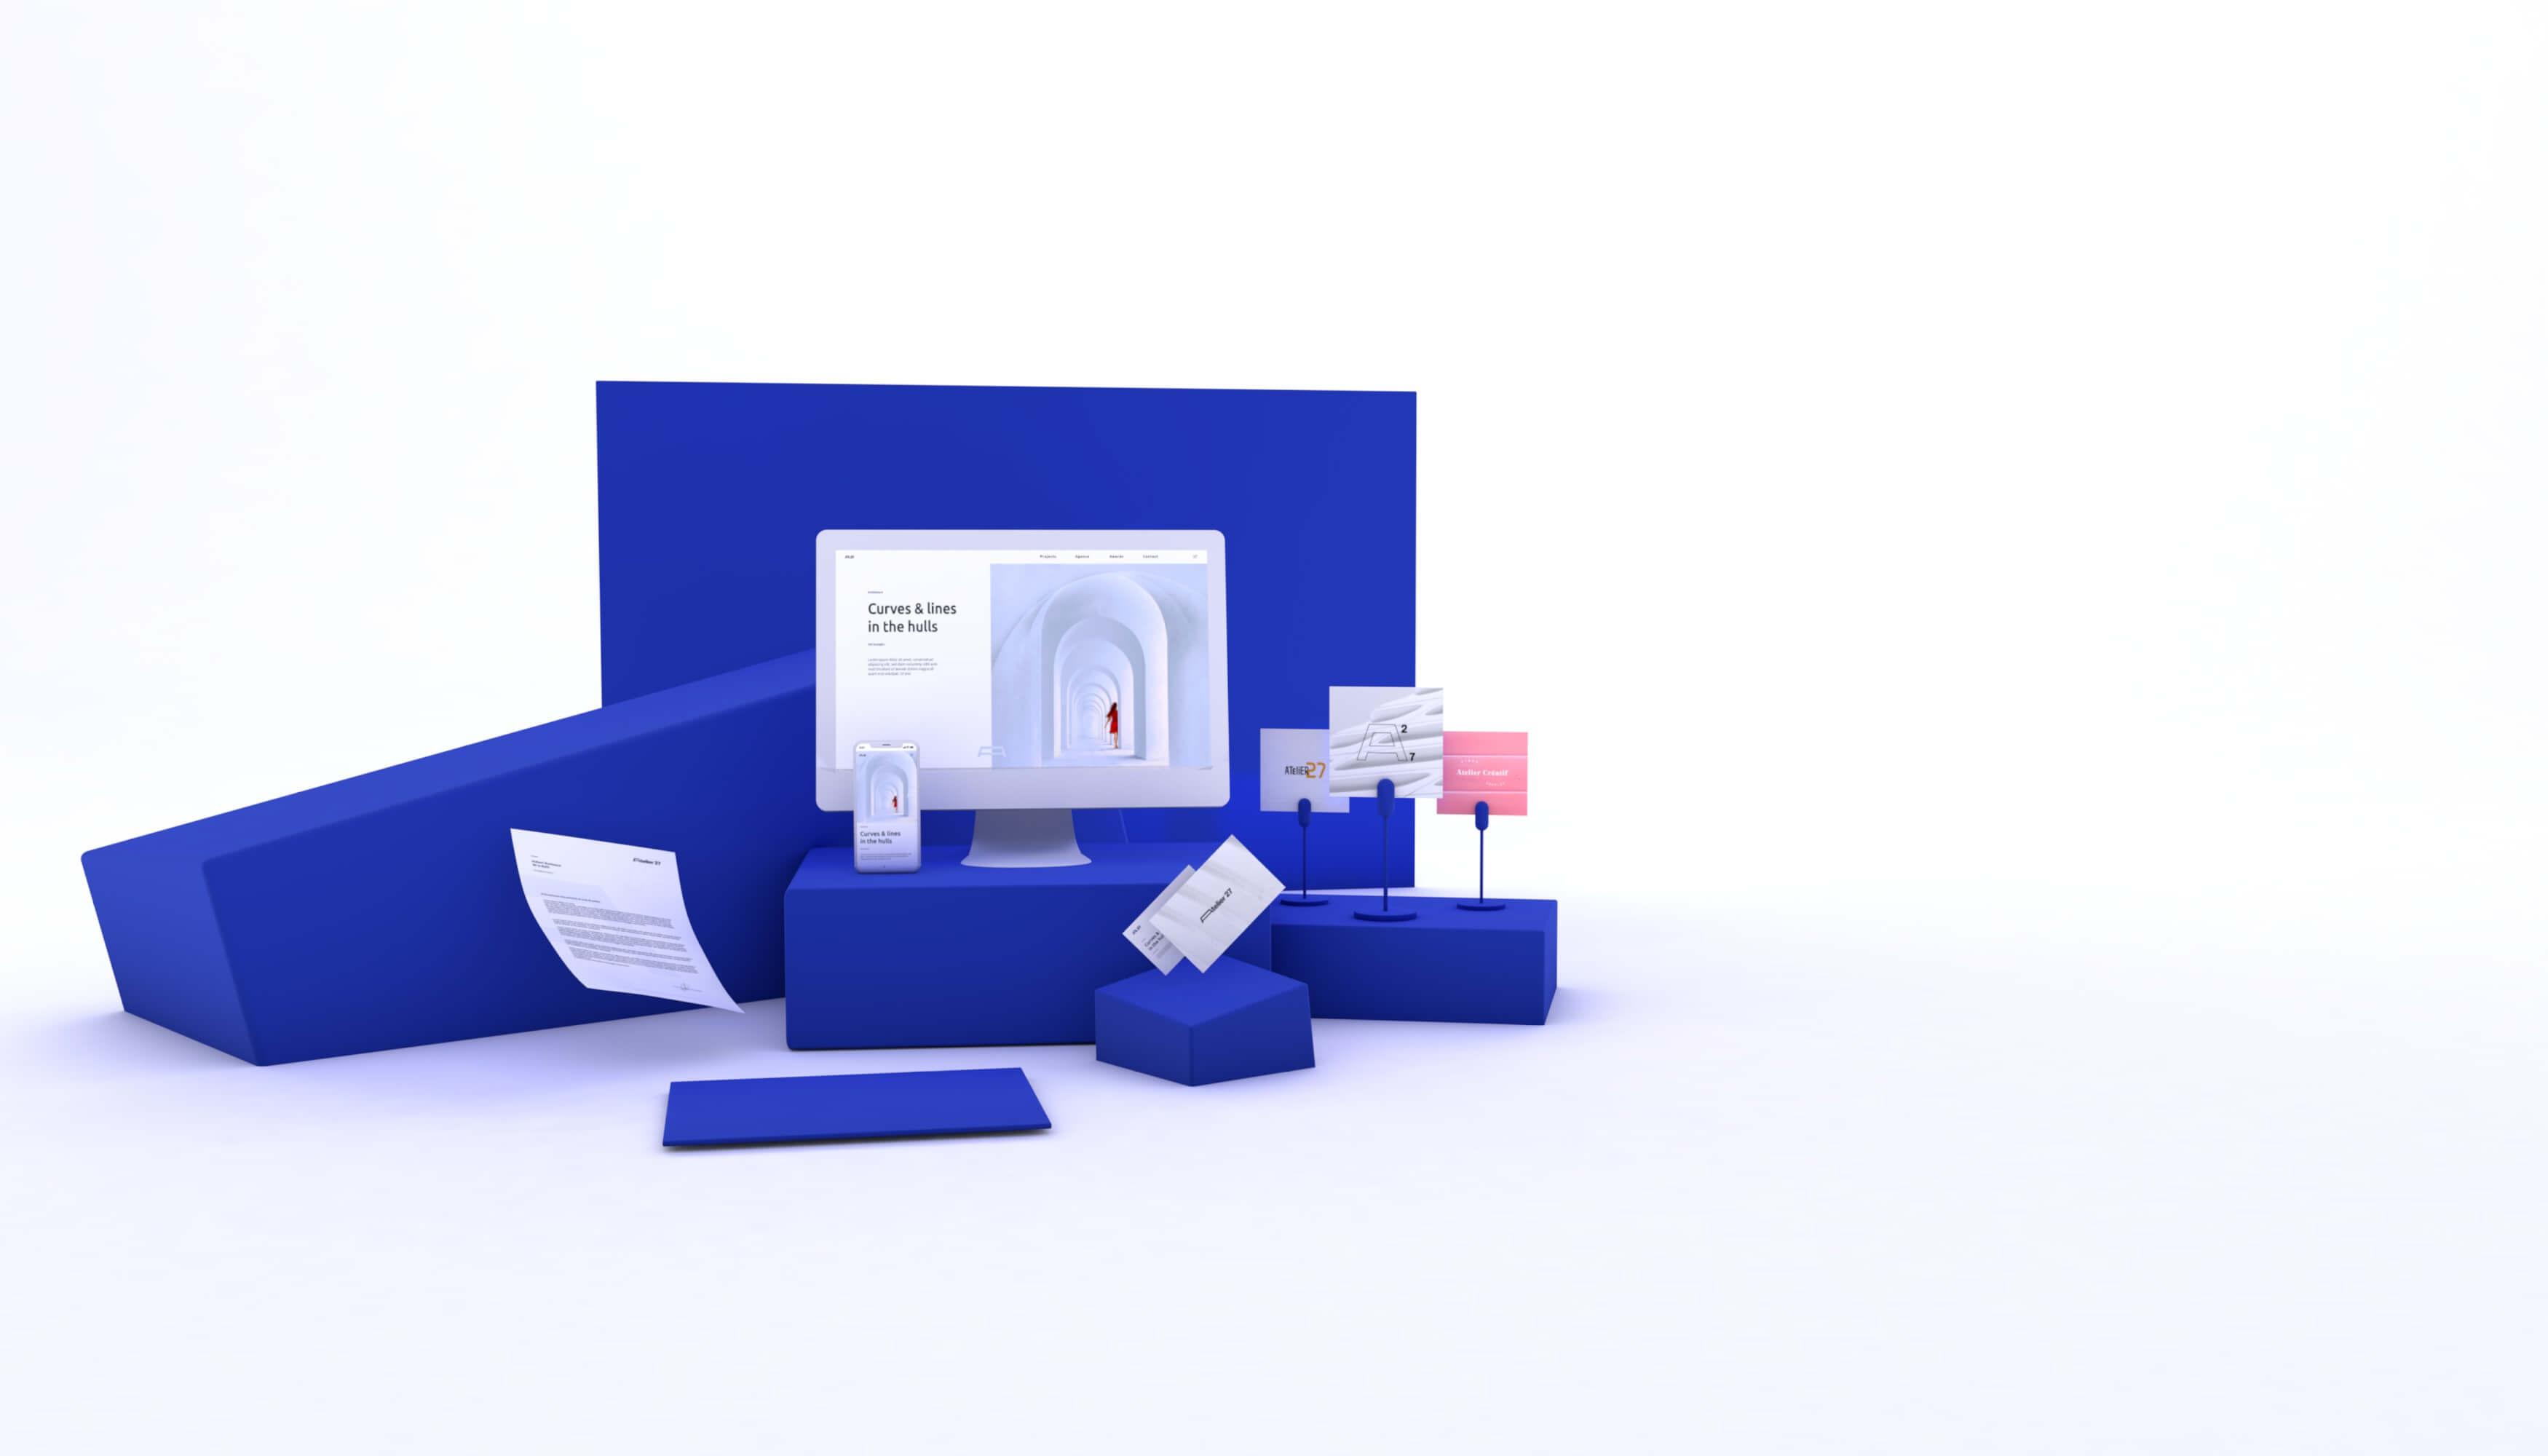 Présentation du pack essentiel création d'entreprise comprenant logo, site internet, carte de visite.